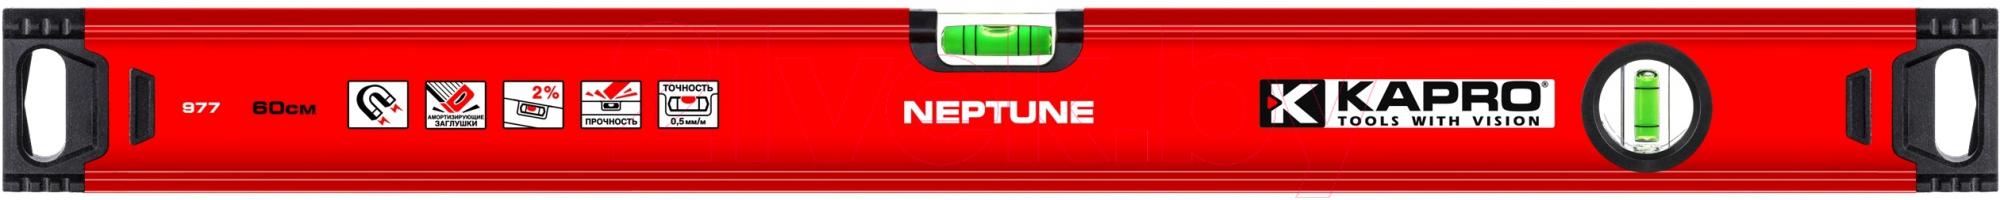 Купить Уровень строительный Kapro, Neptune 977-40-40М, Израиль